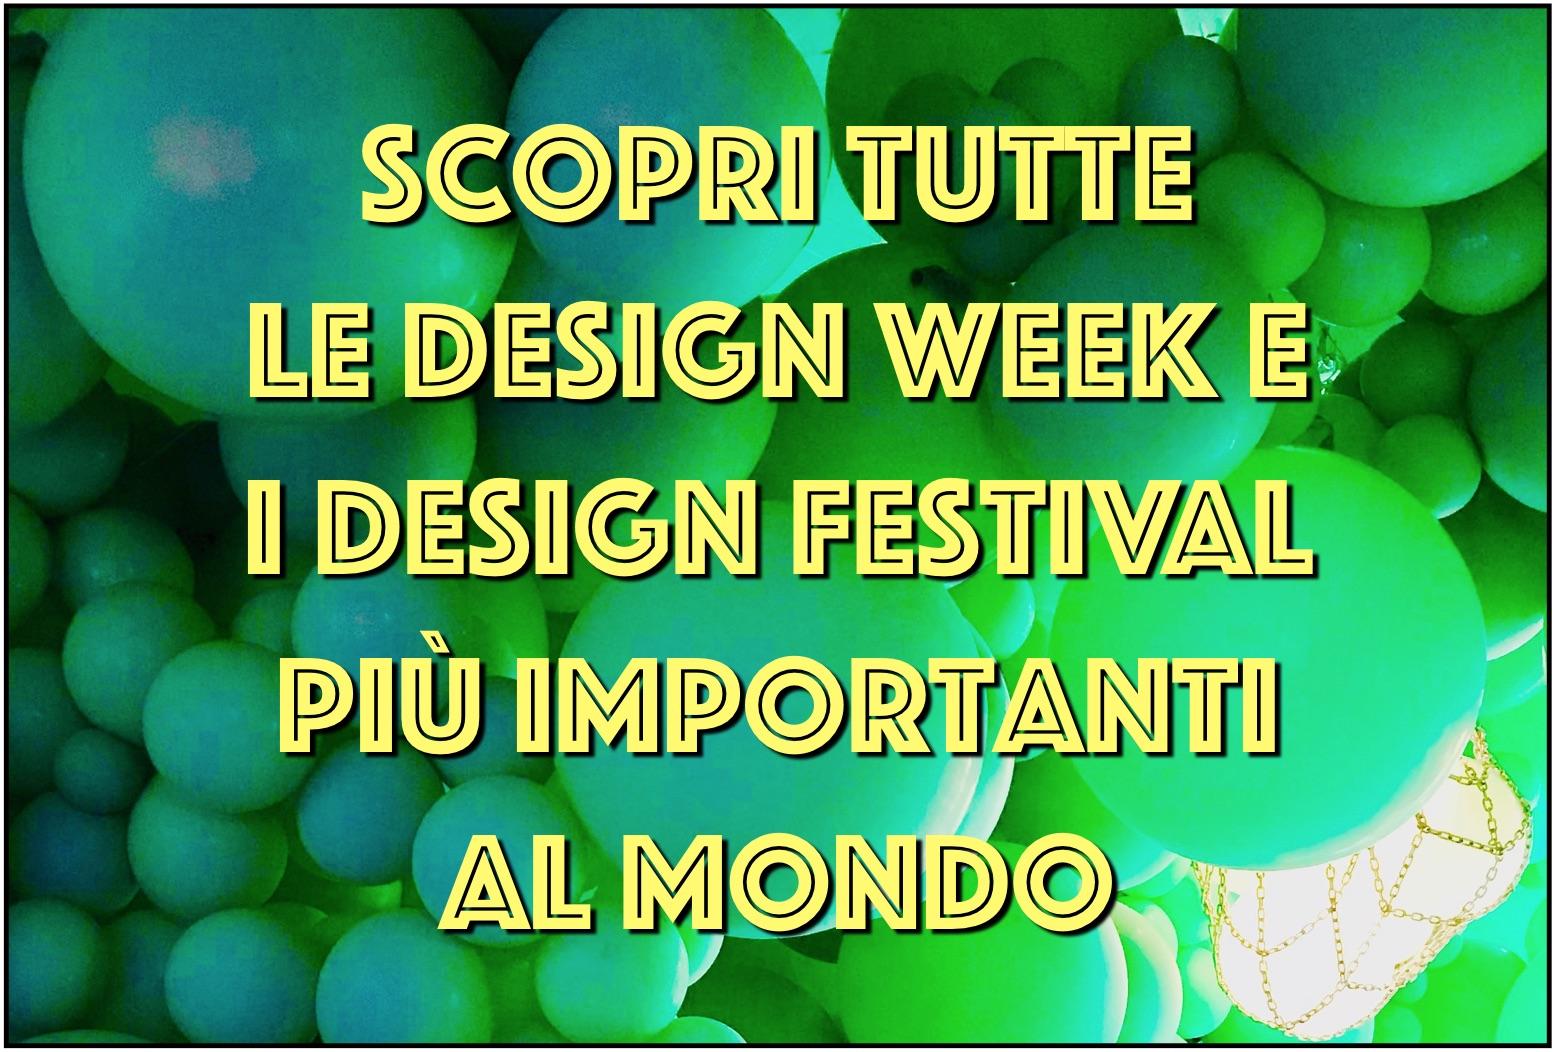 Calendario Mese Di Maggio 2020.Il Calendario Dei Piu Importanti Design Festival 2019